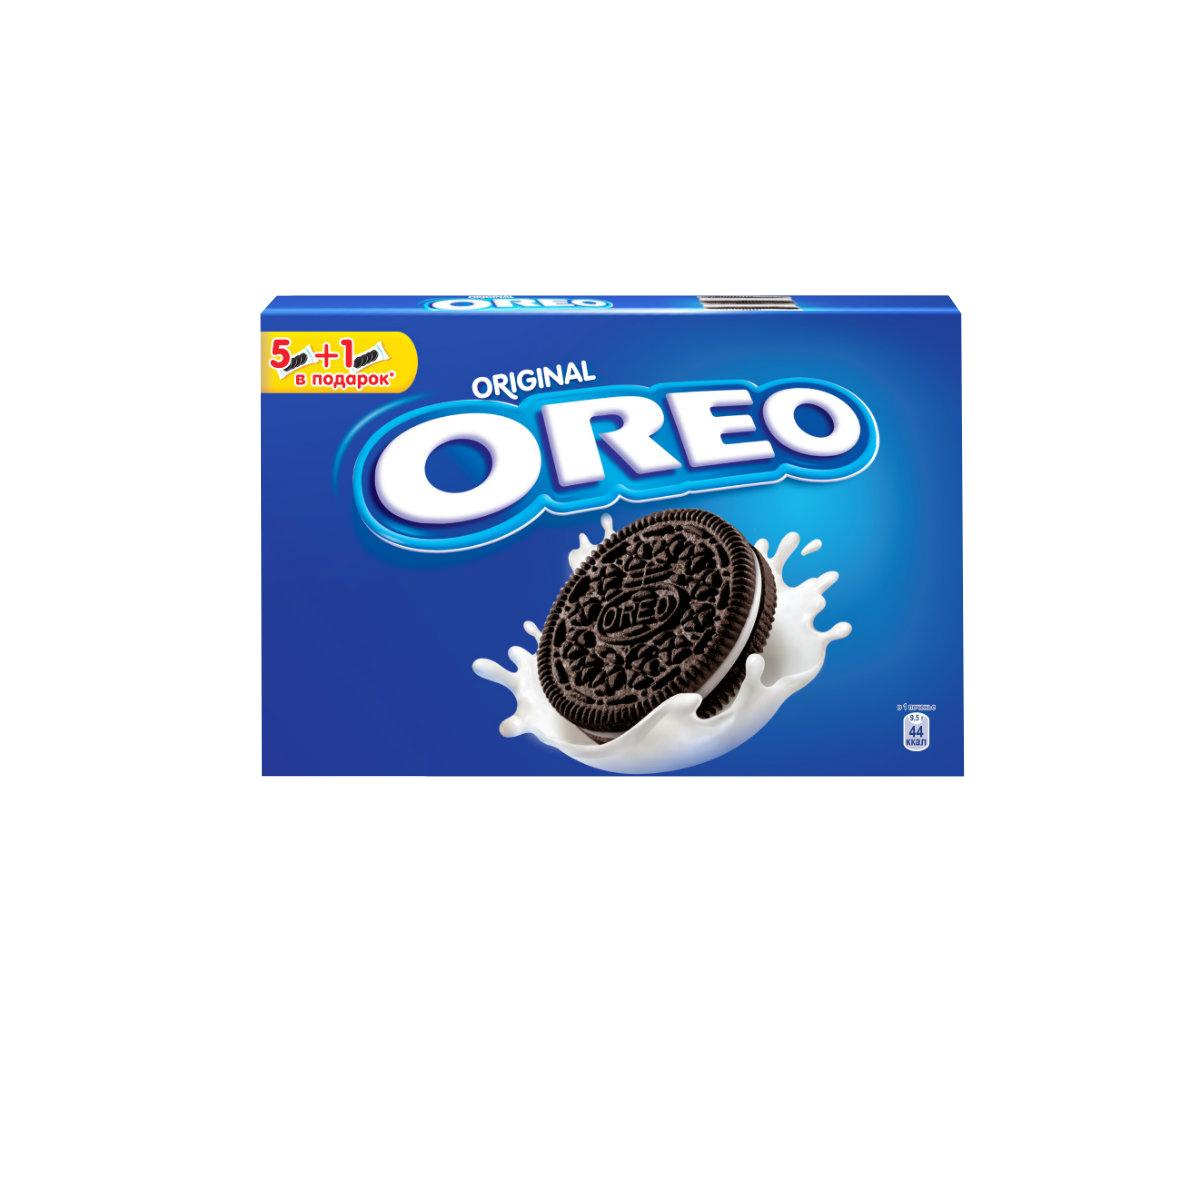 Печенье Oreo любит весь мир! Взрослым и детям нравится забавный способ которым едят Орео. Покрути+Лизни+Обмакни=Орео. Попробуйте, это весело и очень легко. Печенье с какао и начинкой с ванильным вкусом безусловно порадует и детей и взрослых!